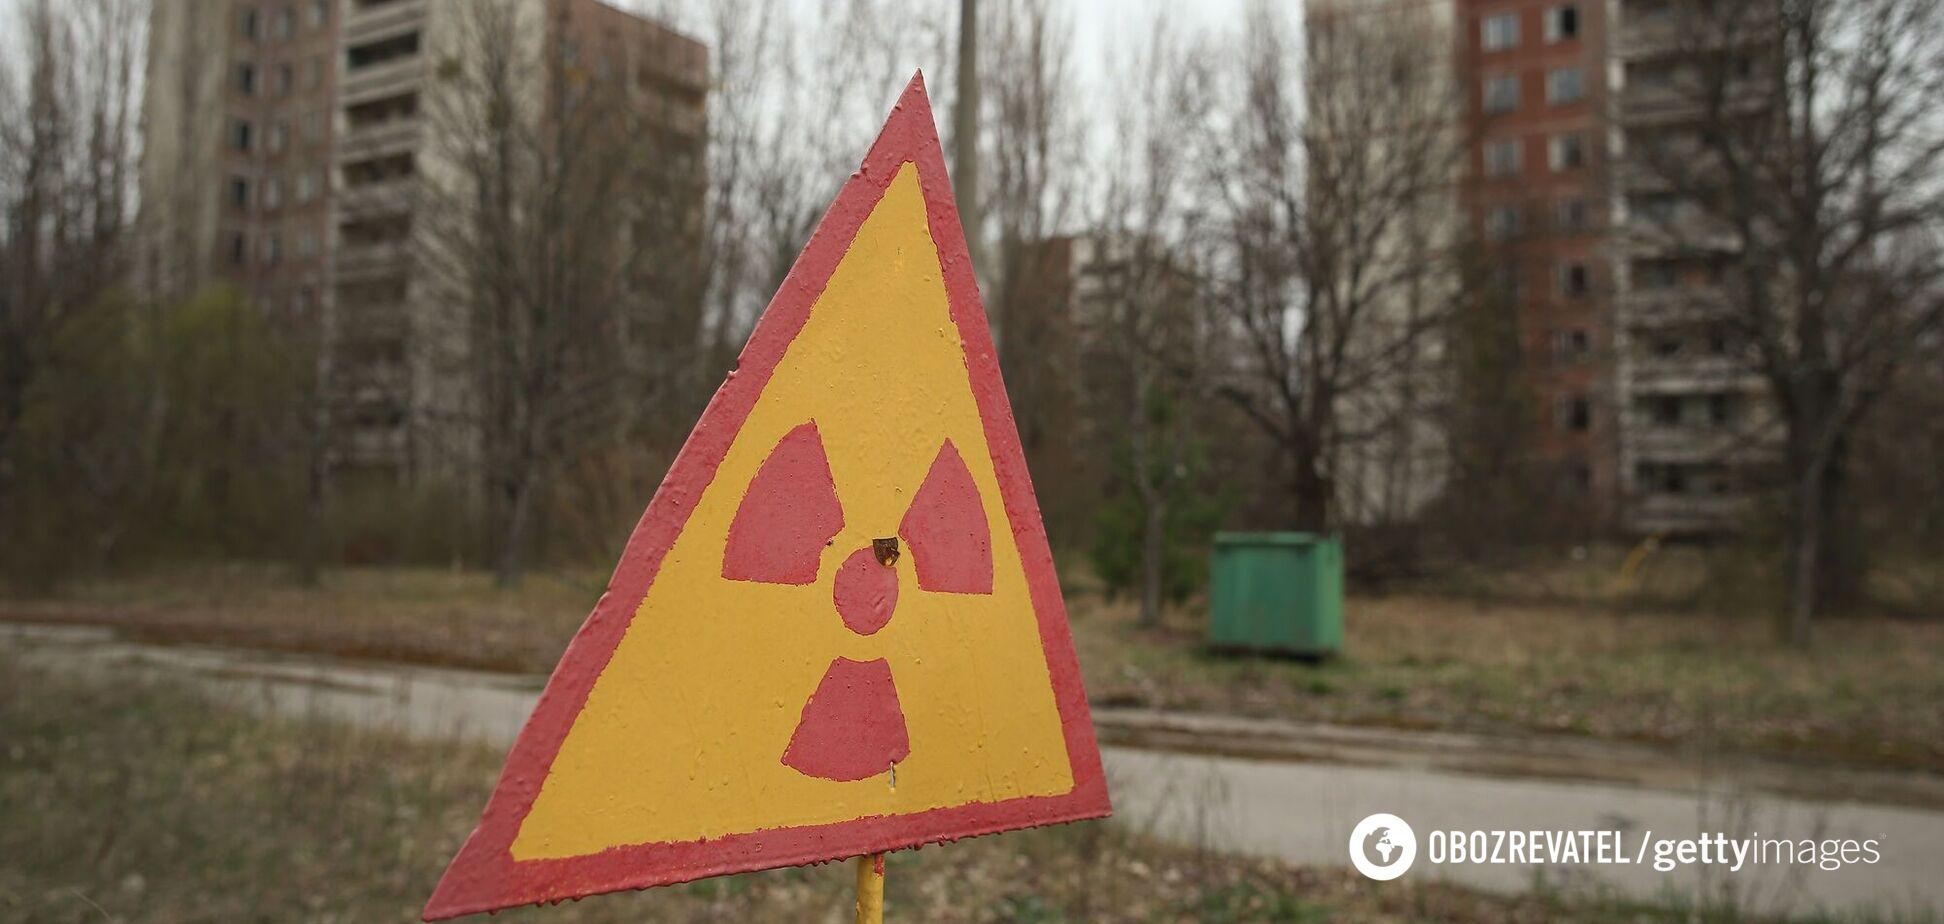 Знак, що попереджає про радіаційне забруднення. Прип'ять, 9 квітня 2016 року